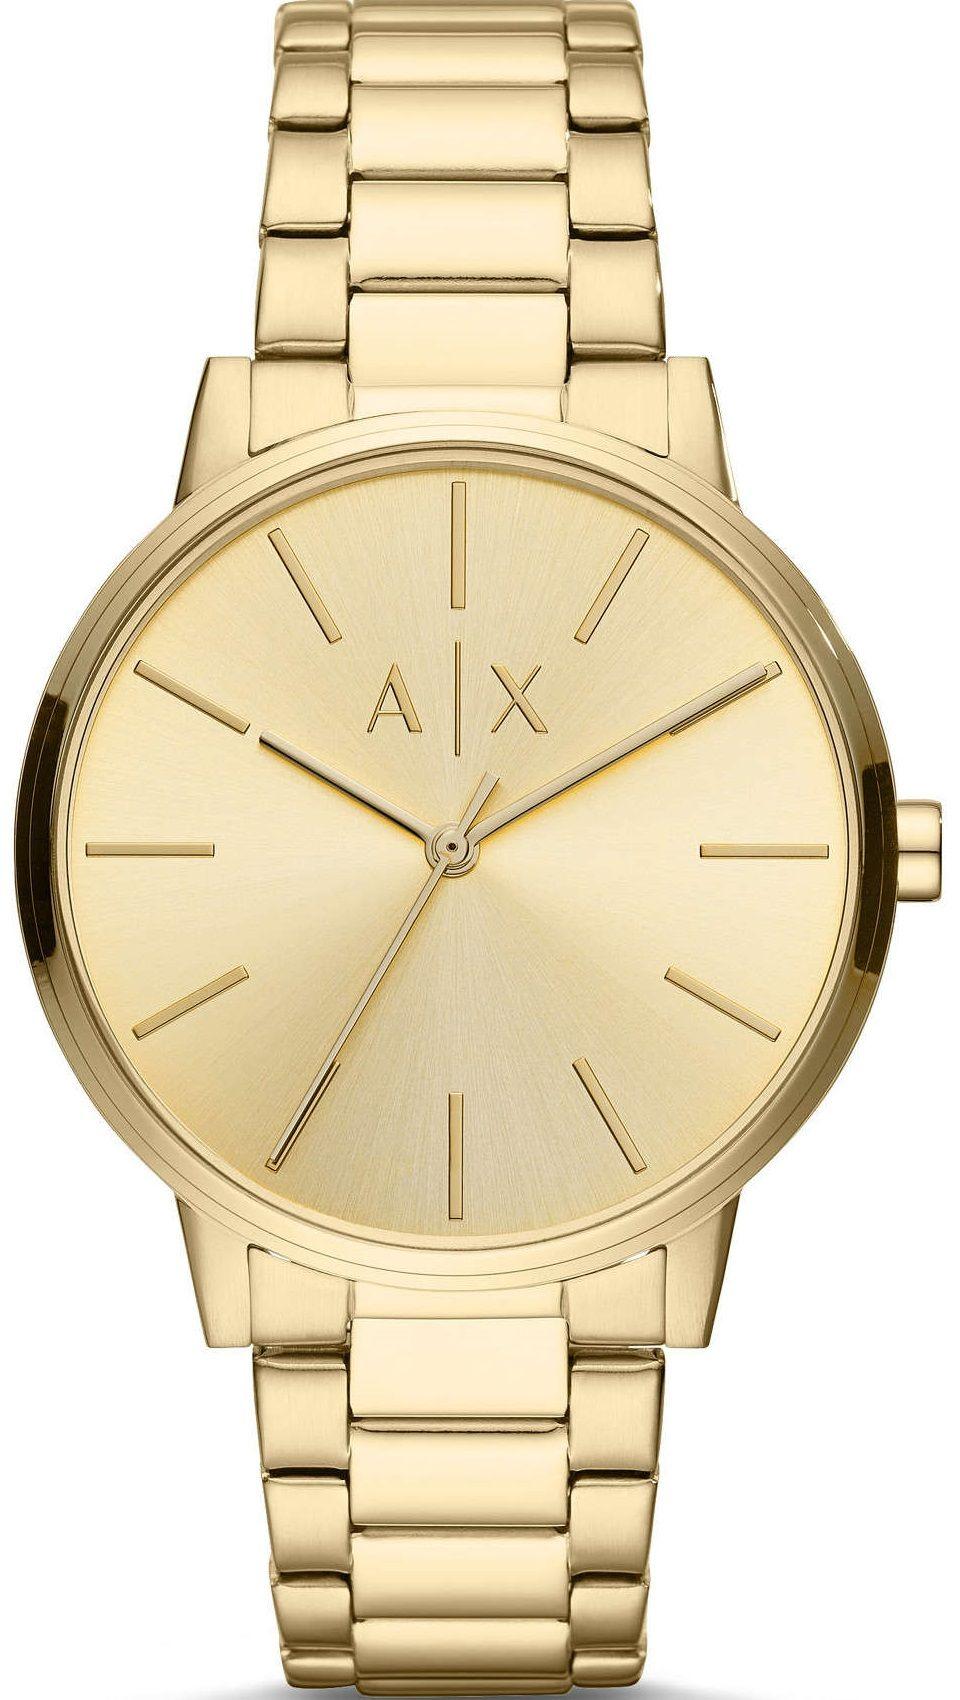 Zegarek Armani Exchange AX2707 > Wysyłka tego samego dnia Grawer 0zł Darmowa dostawa Kurierem/Inpost Darmowy zwrot przez 100 DNI